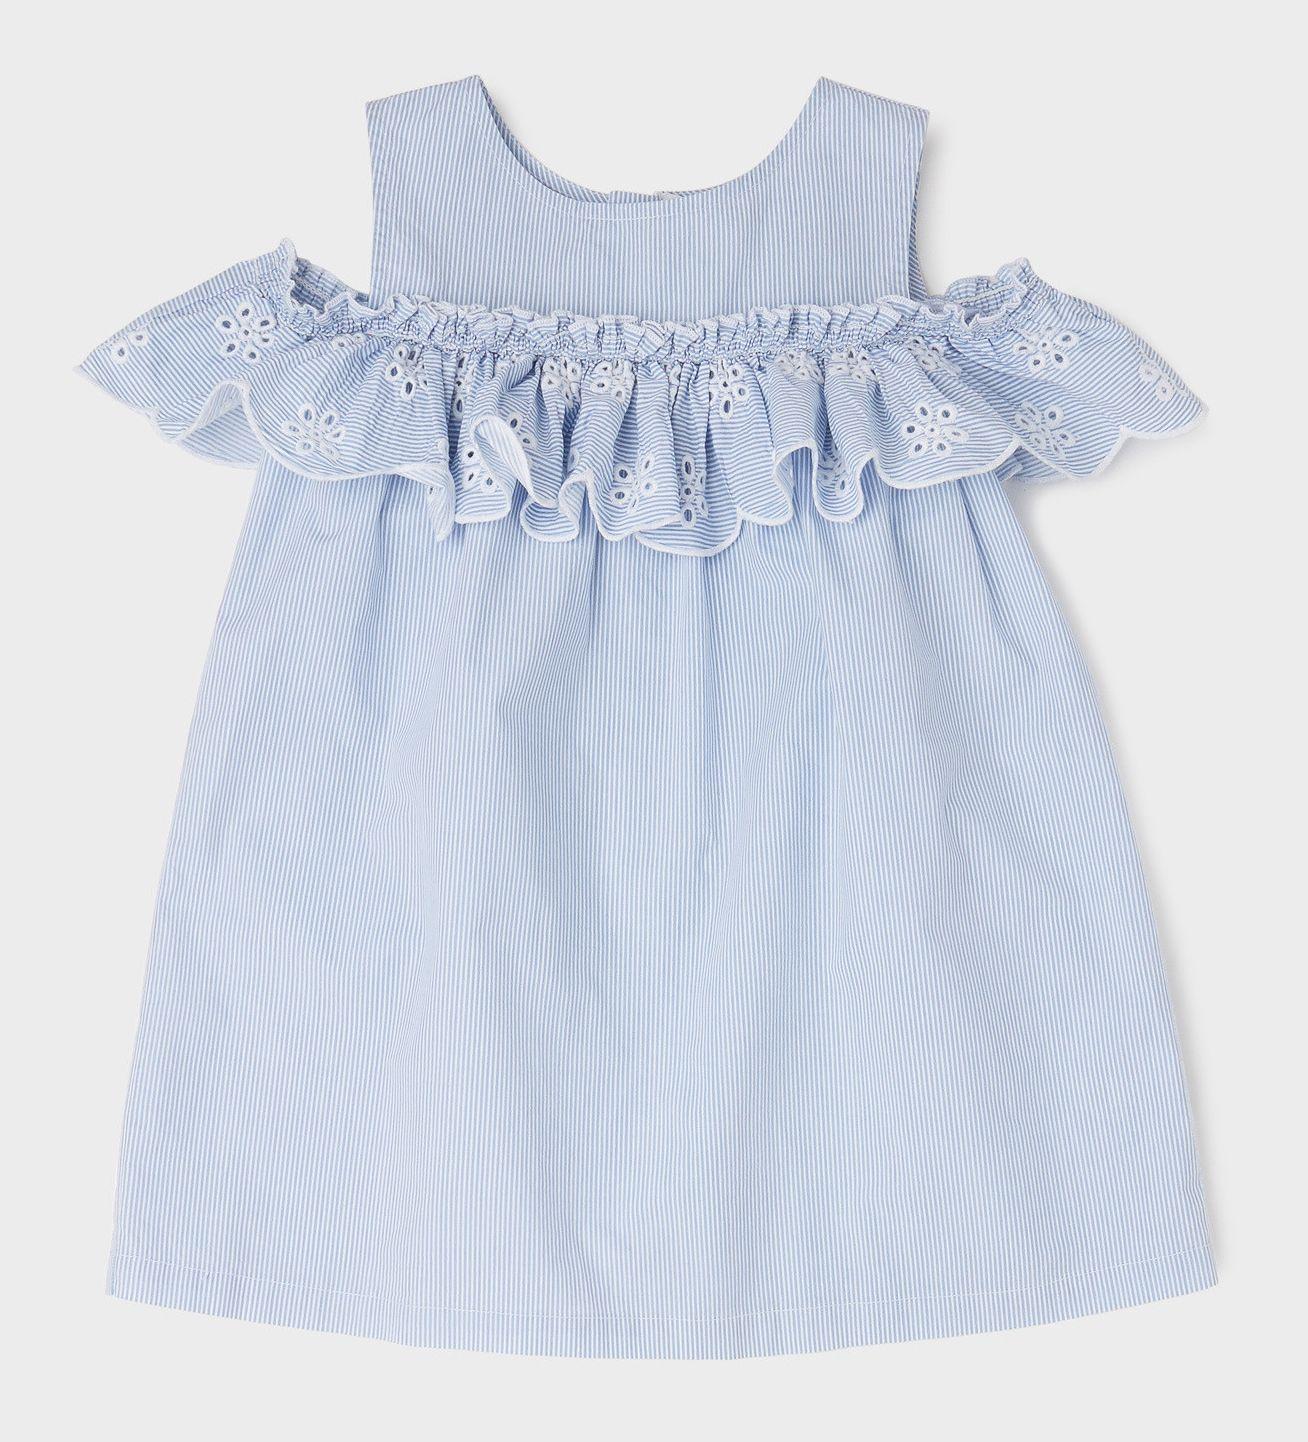 Купить Платье Original Marines, голубой, 140, Девочки, весна